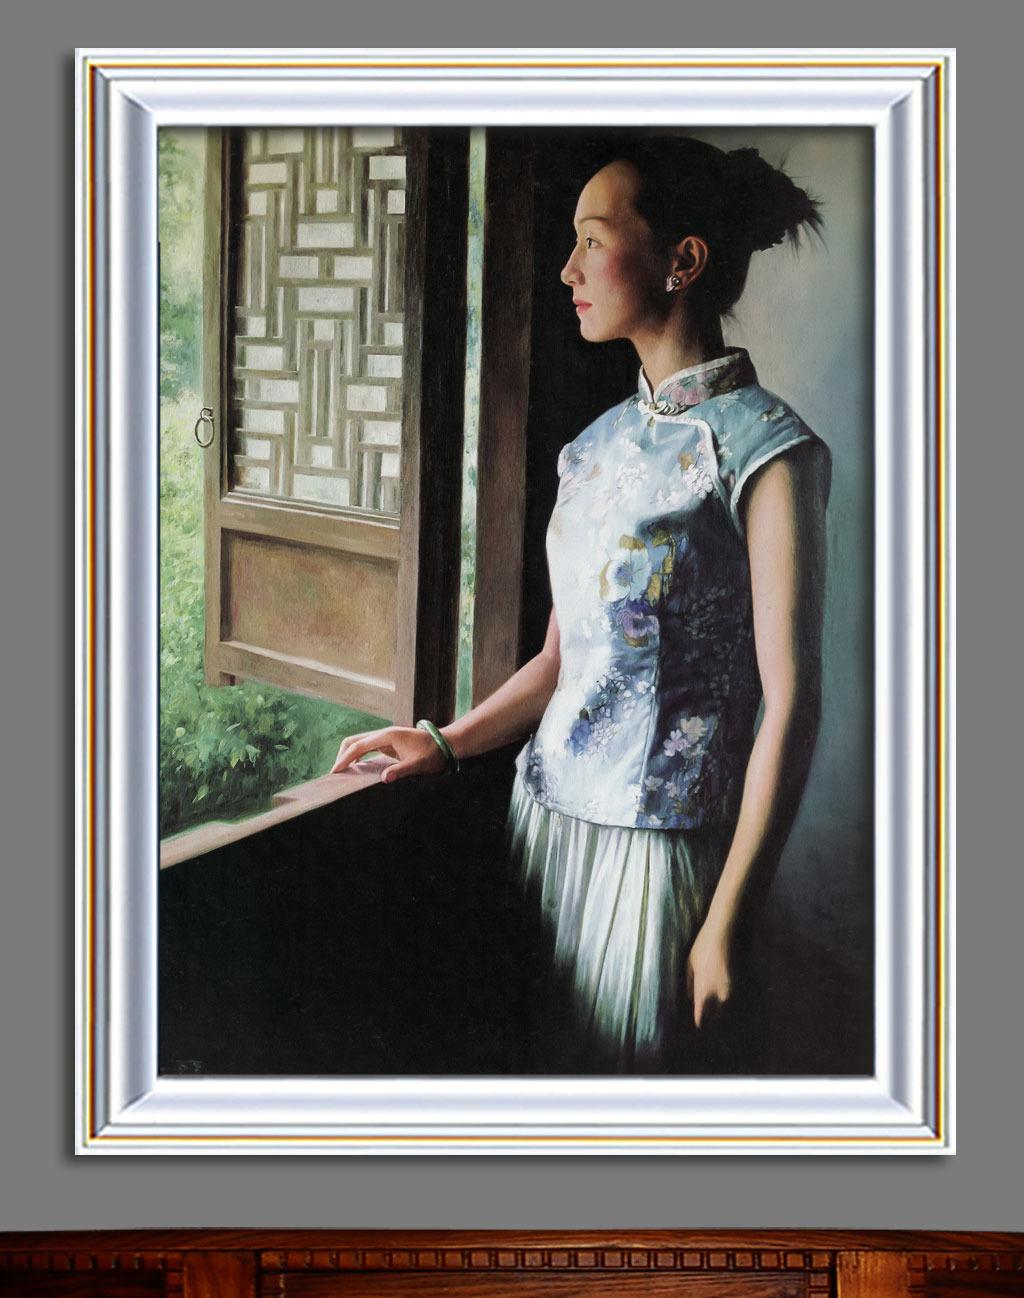 油画 窗外/[版权图片]窗外现代风格油画